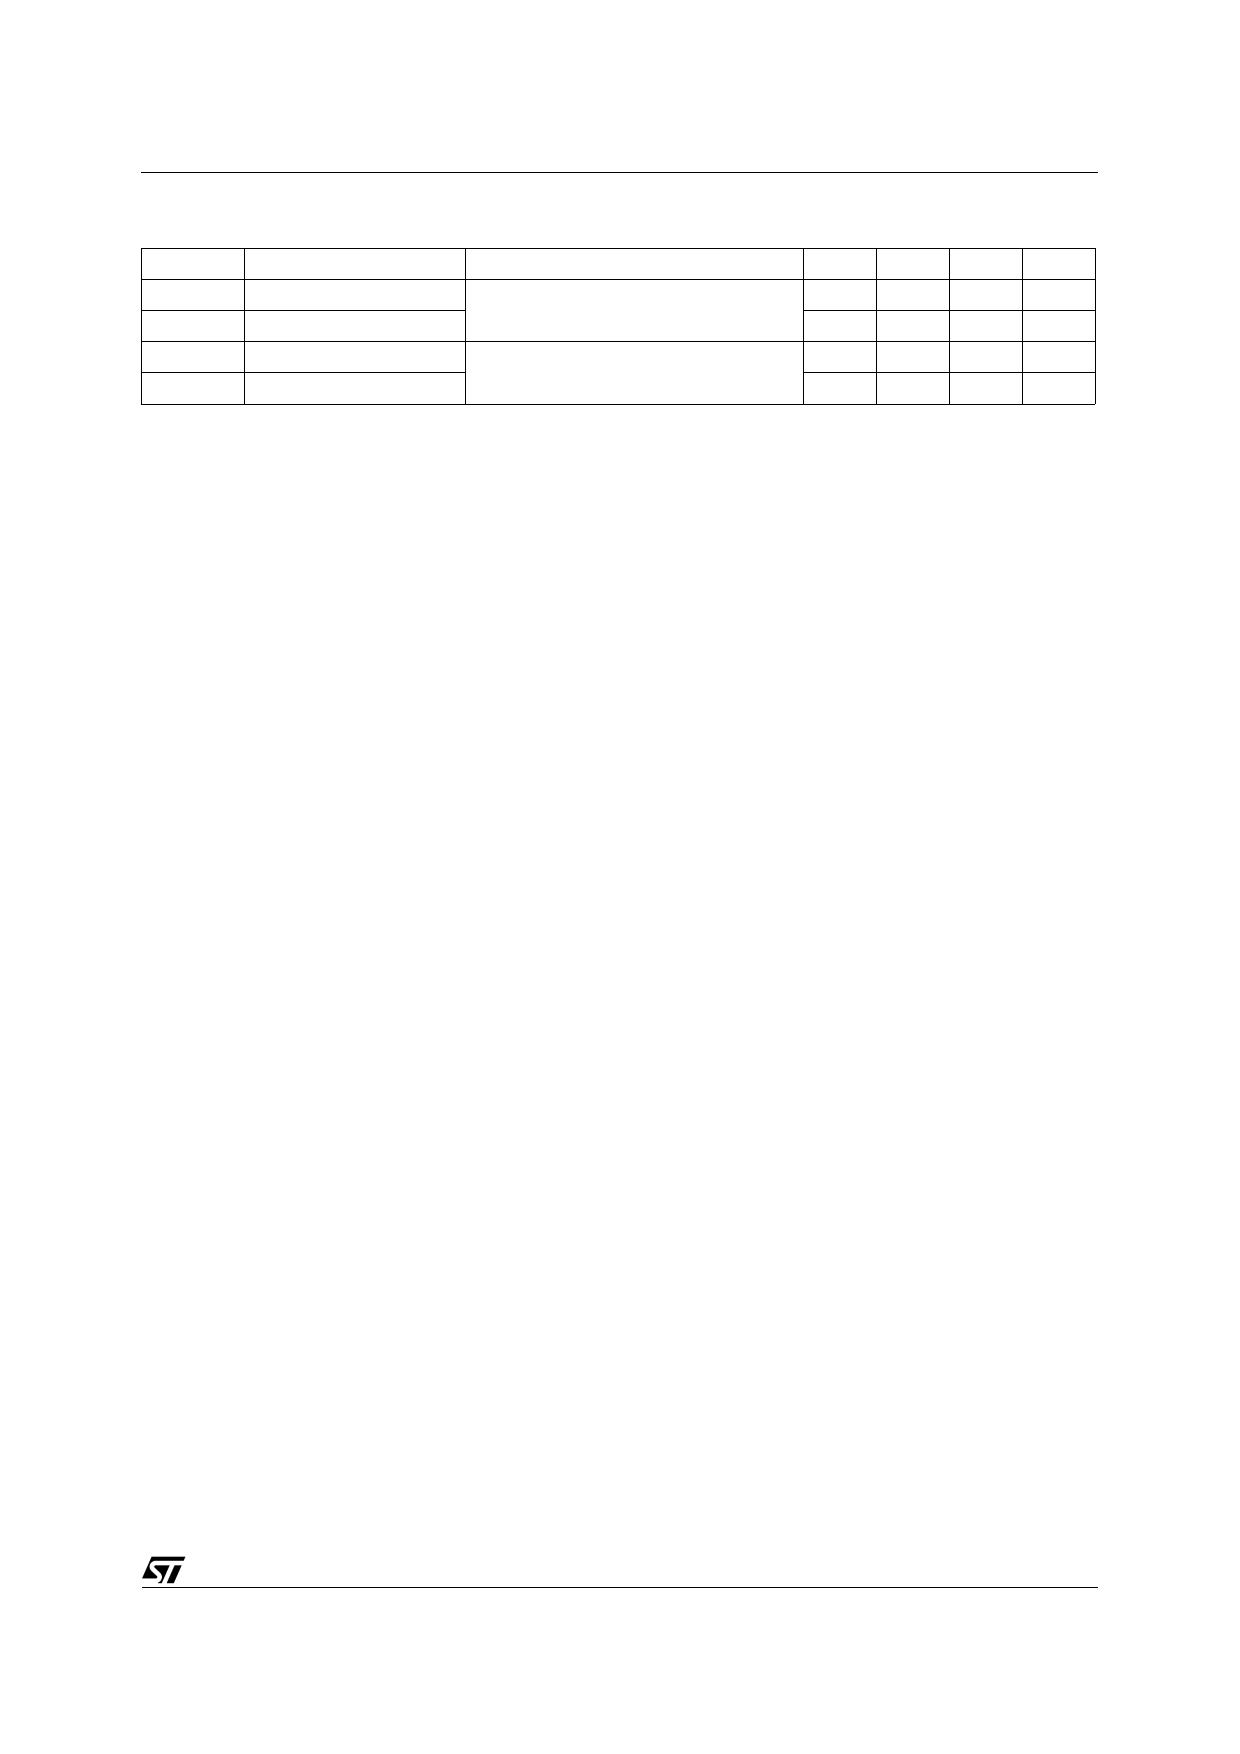 MMBT2222A pdf, ピン配列